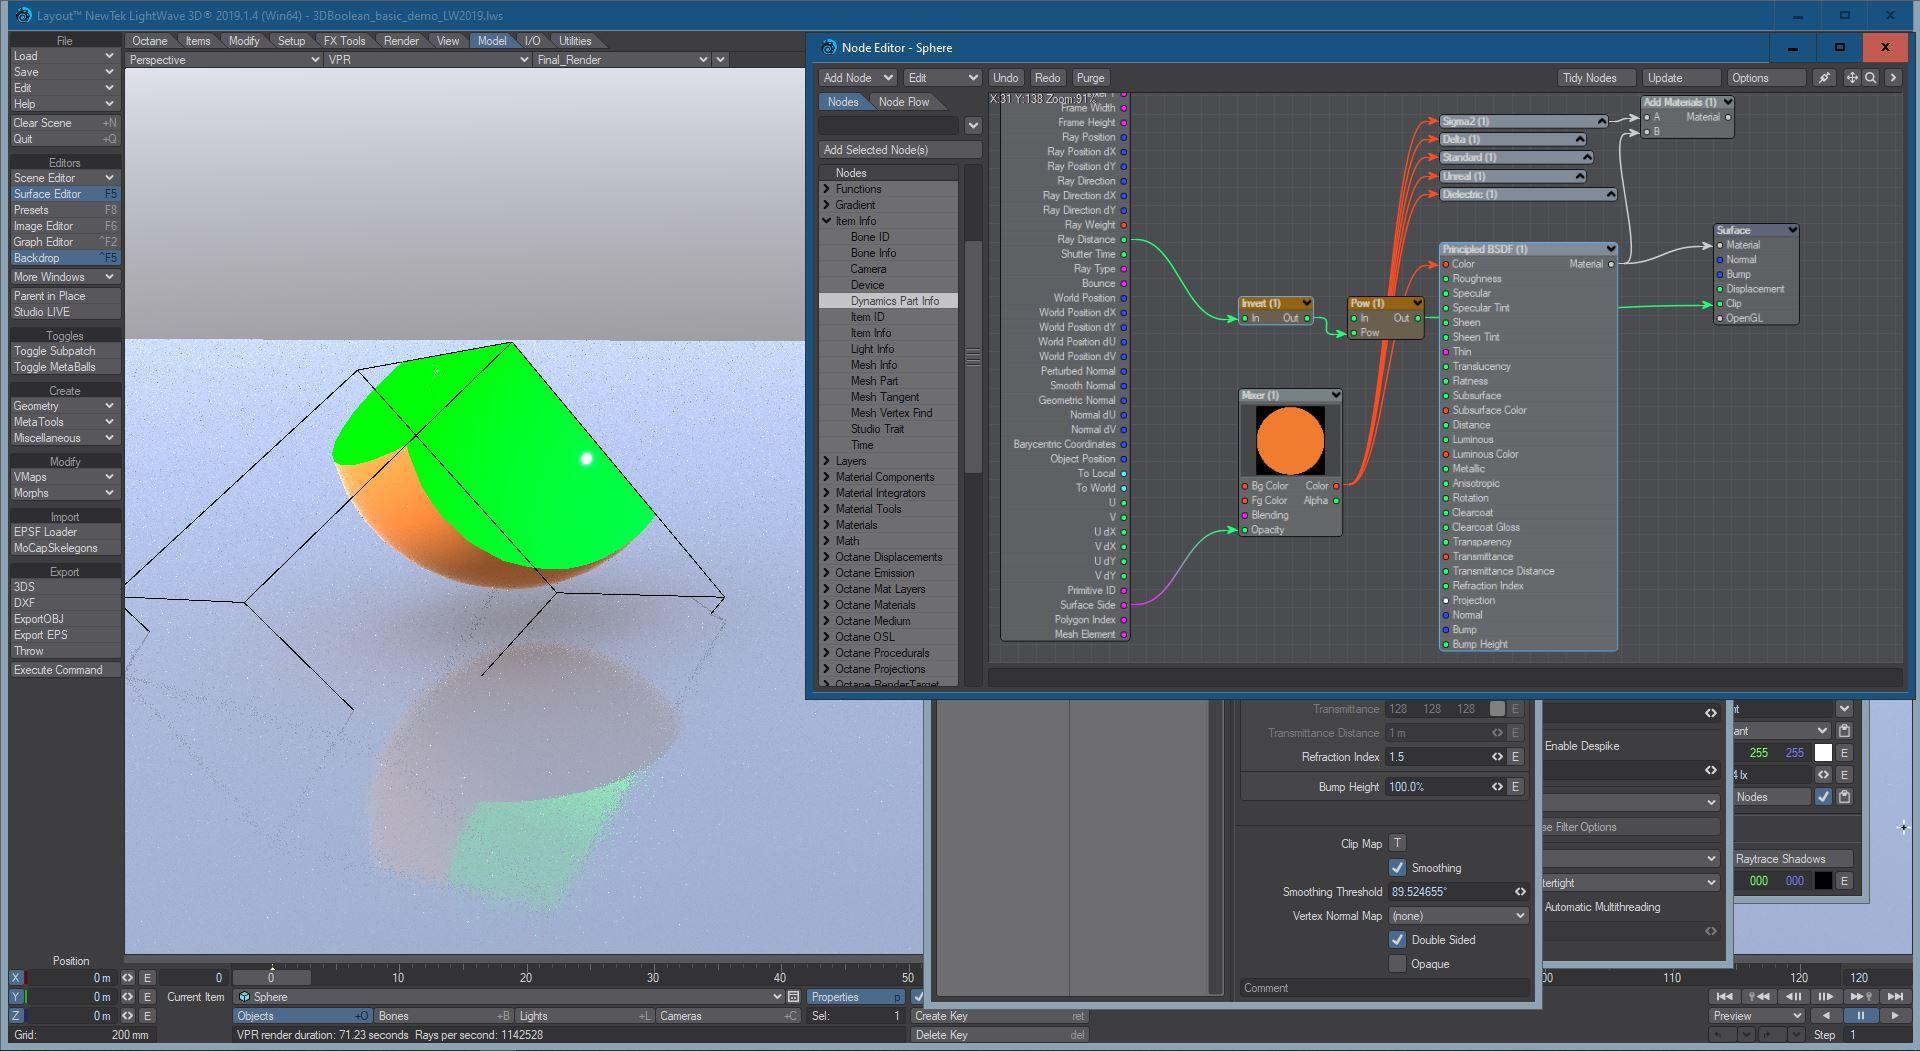 Nome: 2020-02-14 14_24_37-Layout™ NewTek LightWave 3D® 2019.1.4 (Win64) - 3DBoolean_basic_demo_LW2019..jpg Visite: 163 Dimensione: 262.1 KB